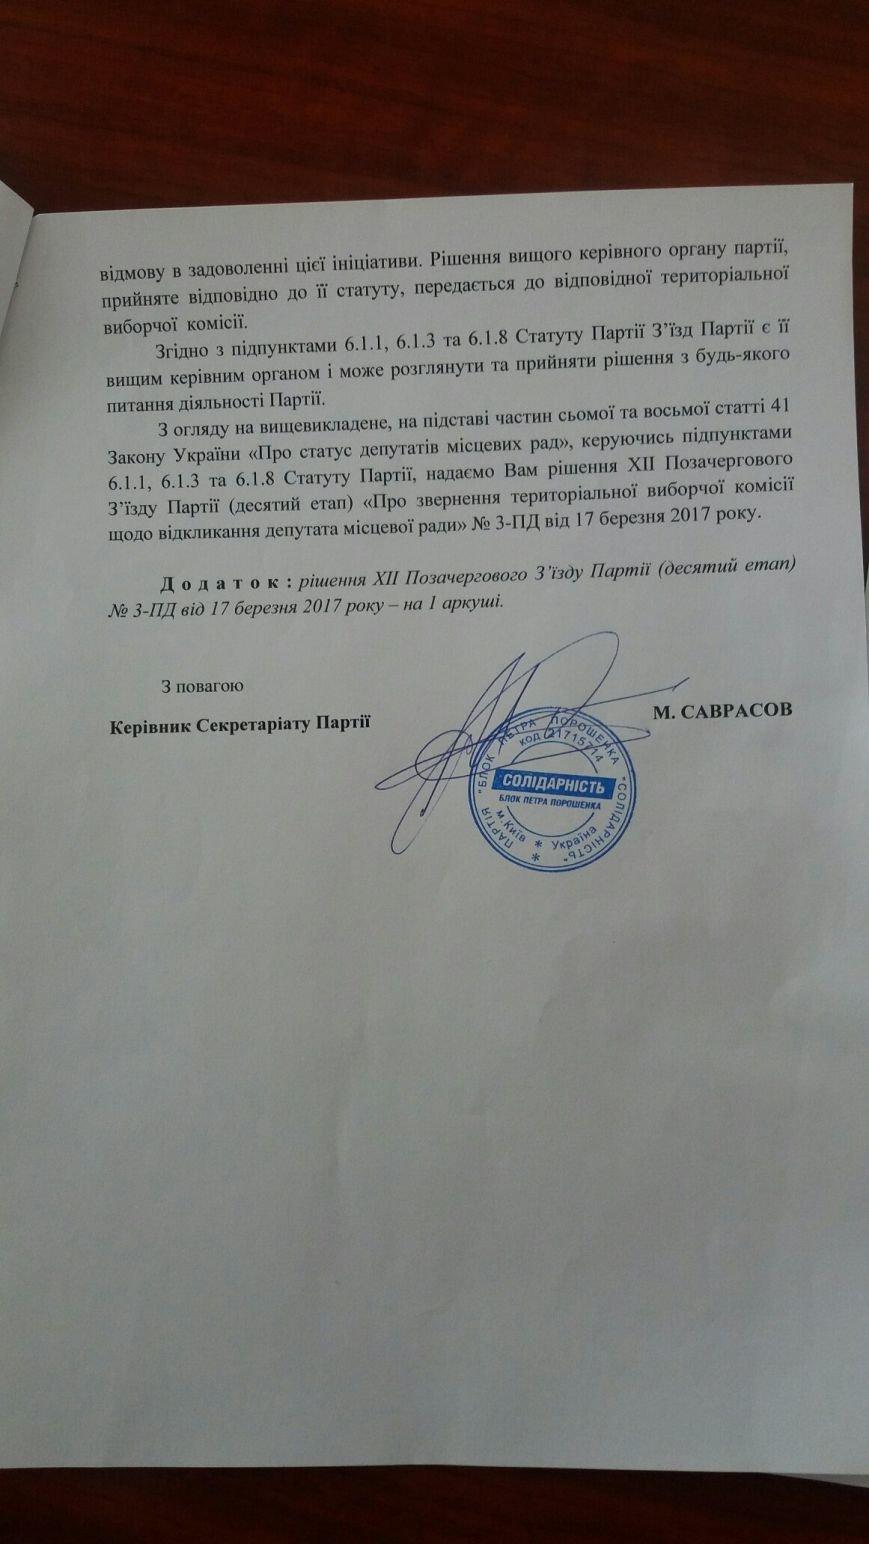 В Каменском отозвали депутата Юрия Литвиненко, фото-5